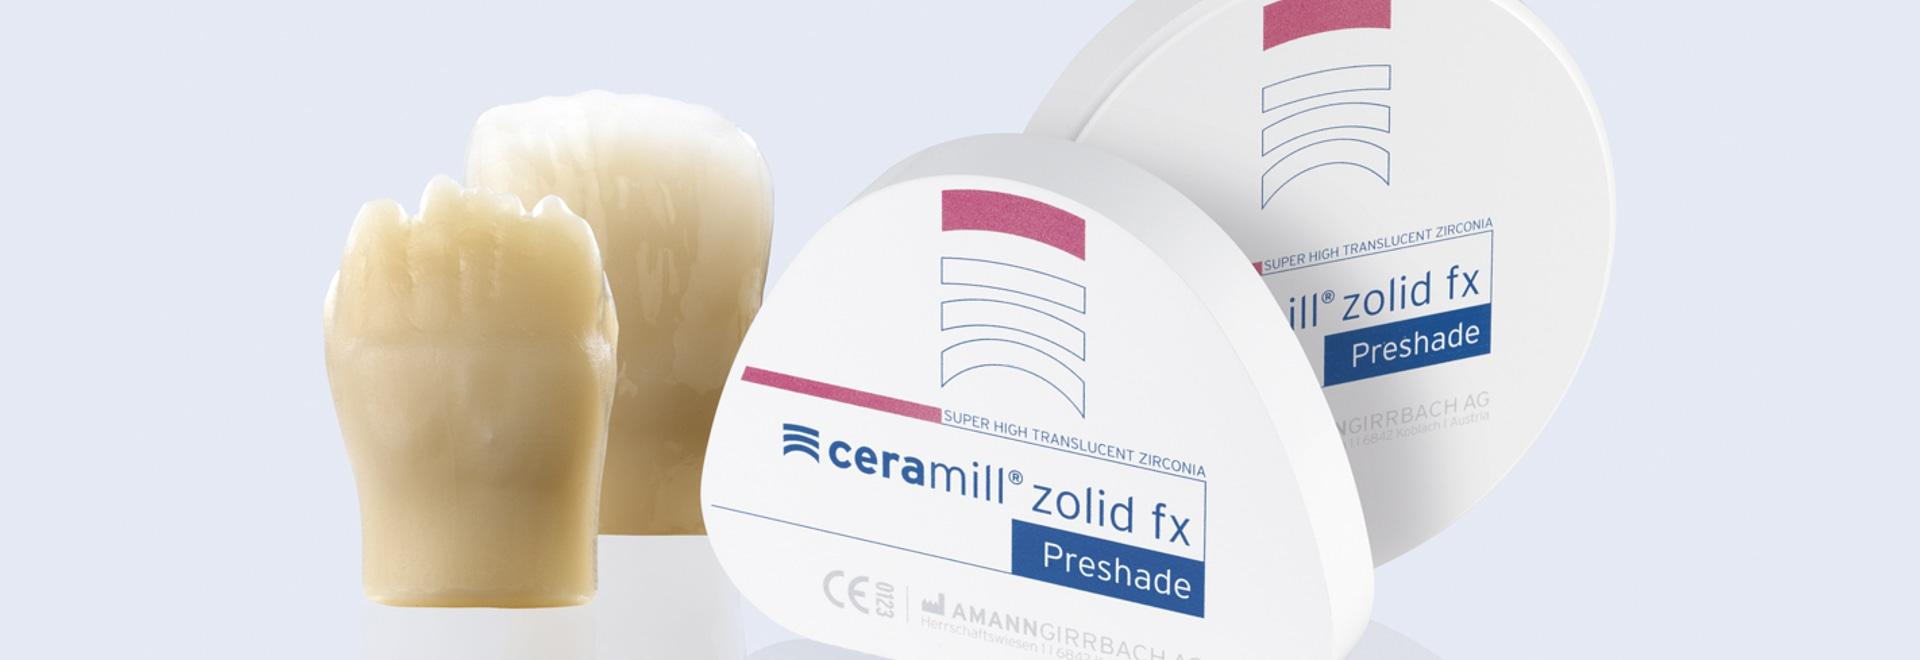 Ceramill Zolid FX Preshades